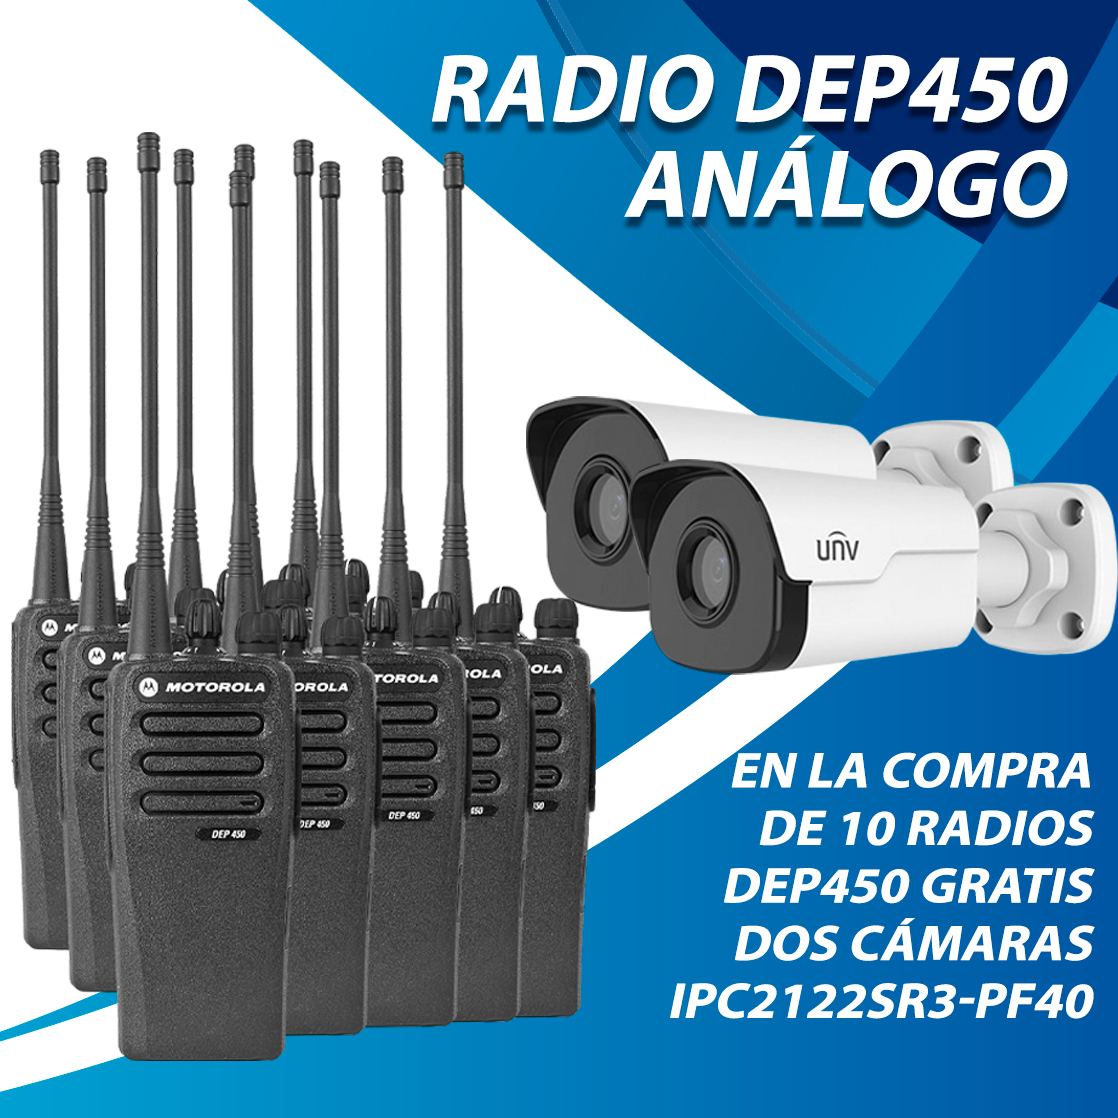 10 RADIOS DEP450 Y 2 CÁMARAS GRATIS